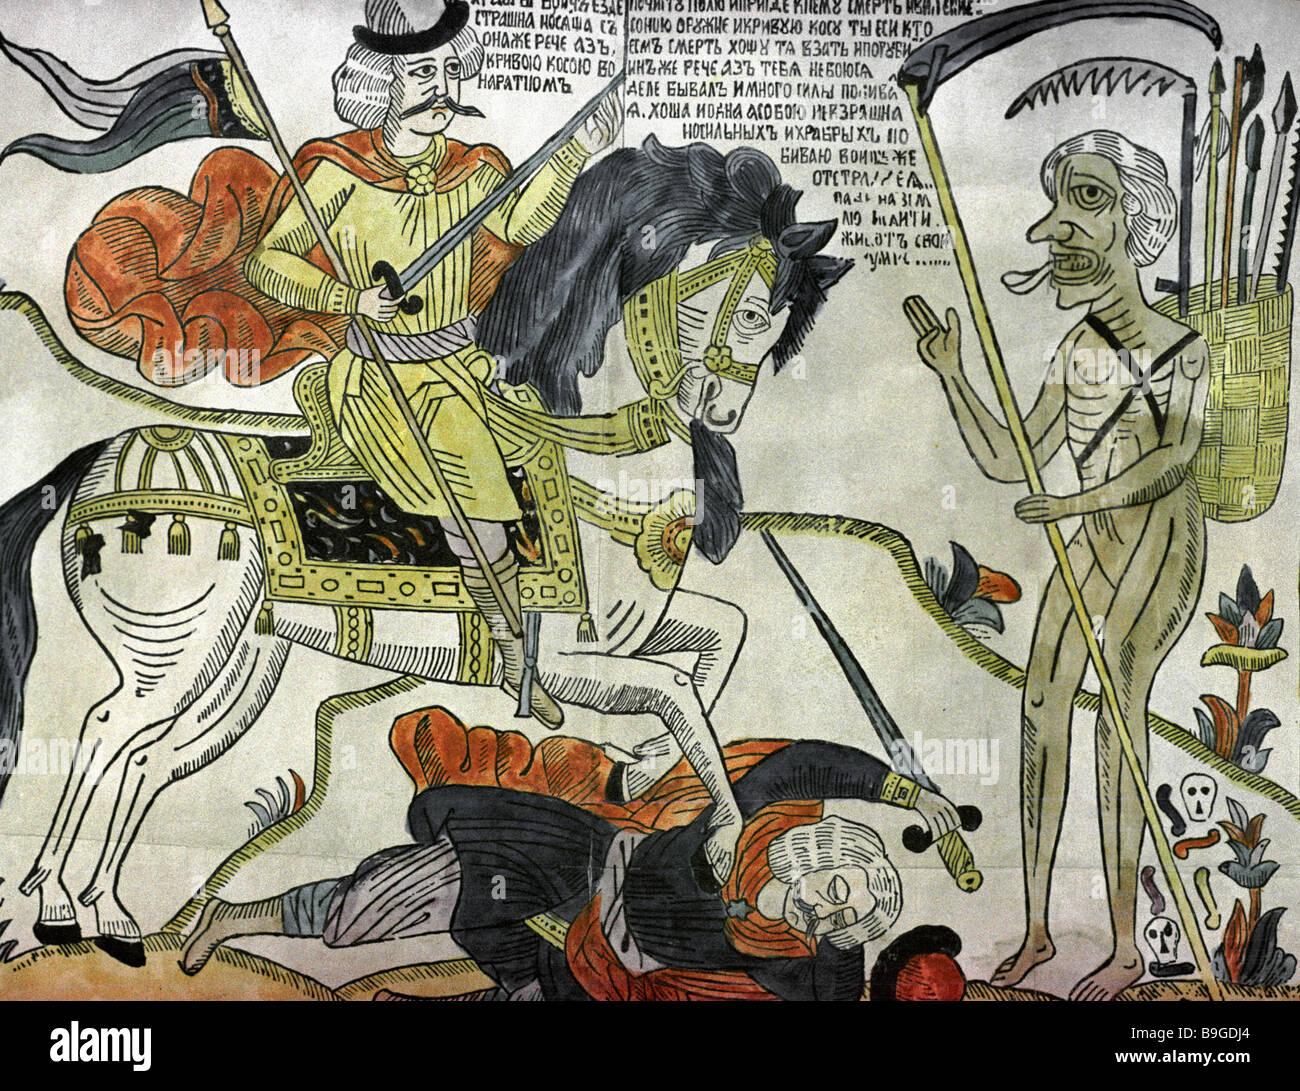 Lubok stampa popolare in xilografia soldato riproduzione Anika xilografia del XVIII secolo il museo storico statale Immagini Stock